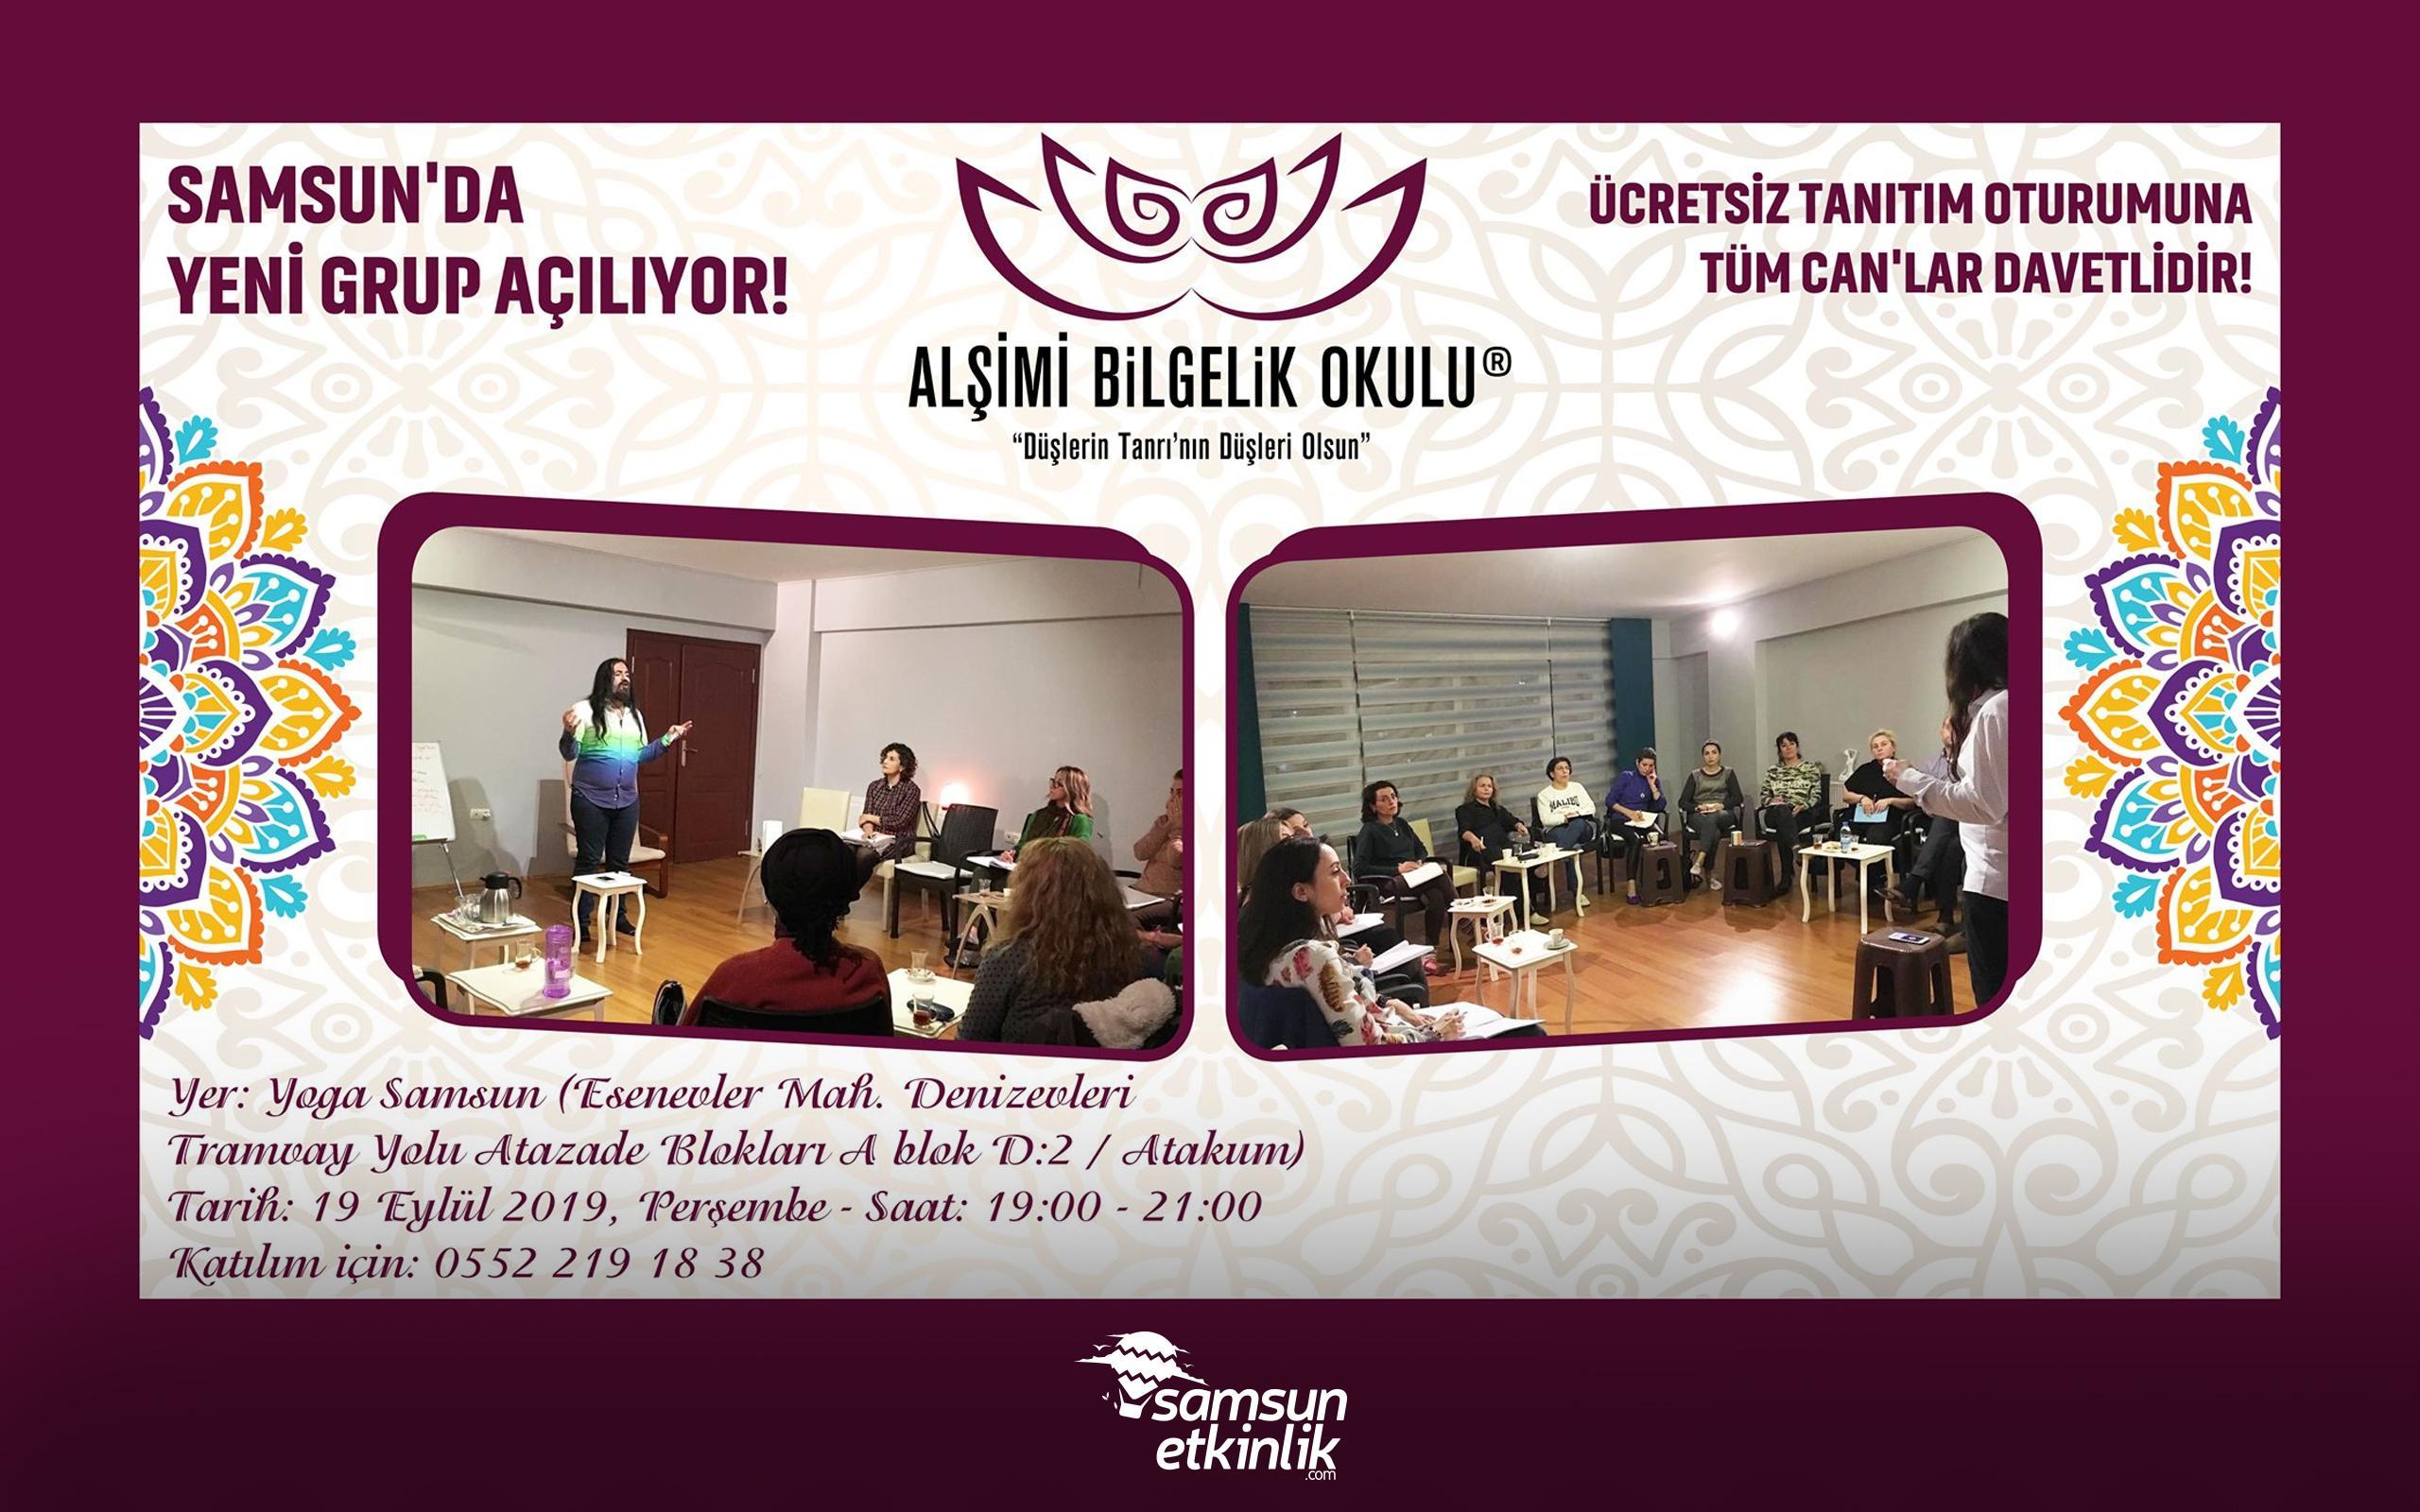 Samsun'da Yeni Simya Grubu - Ücretsiz Tanıtım Oturumu